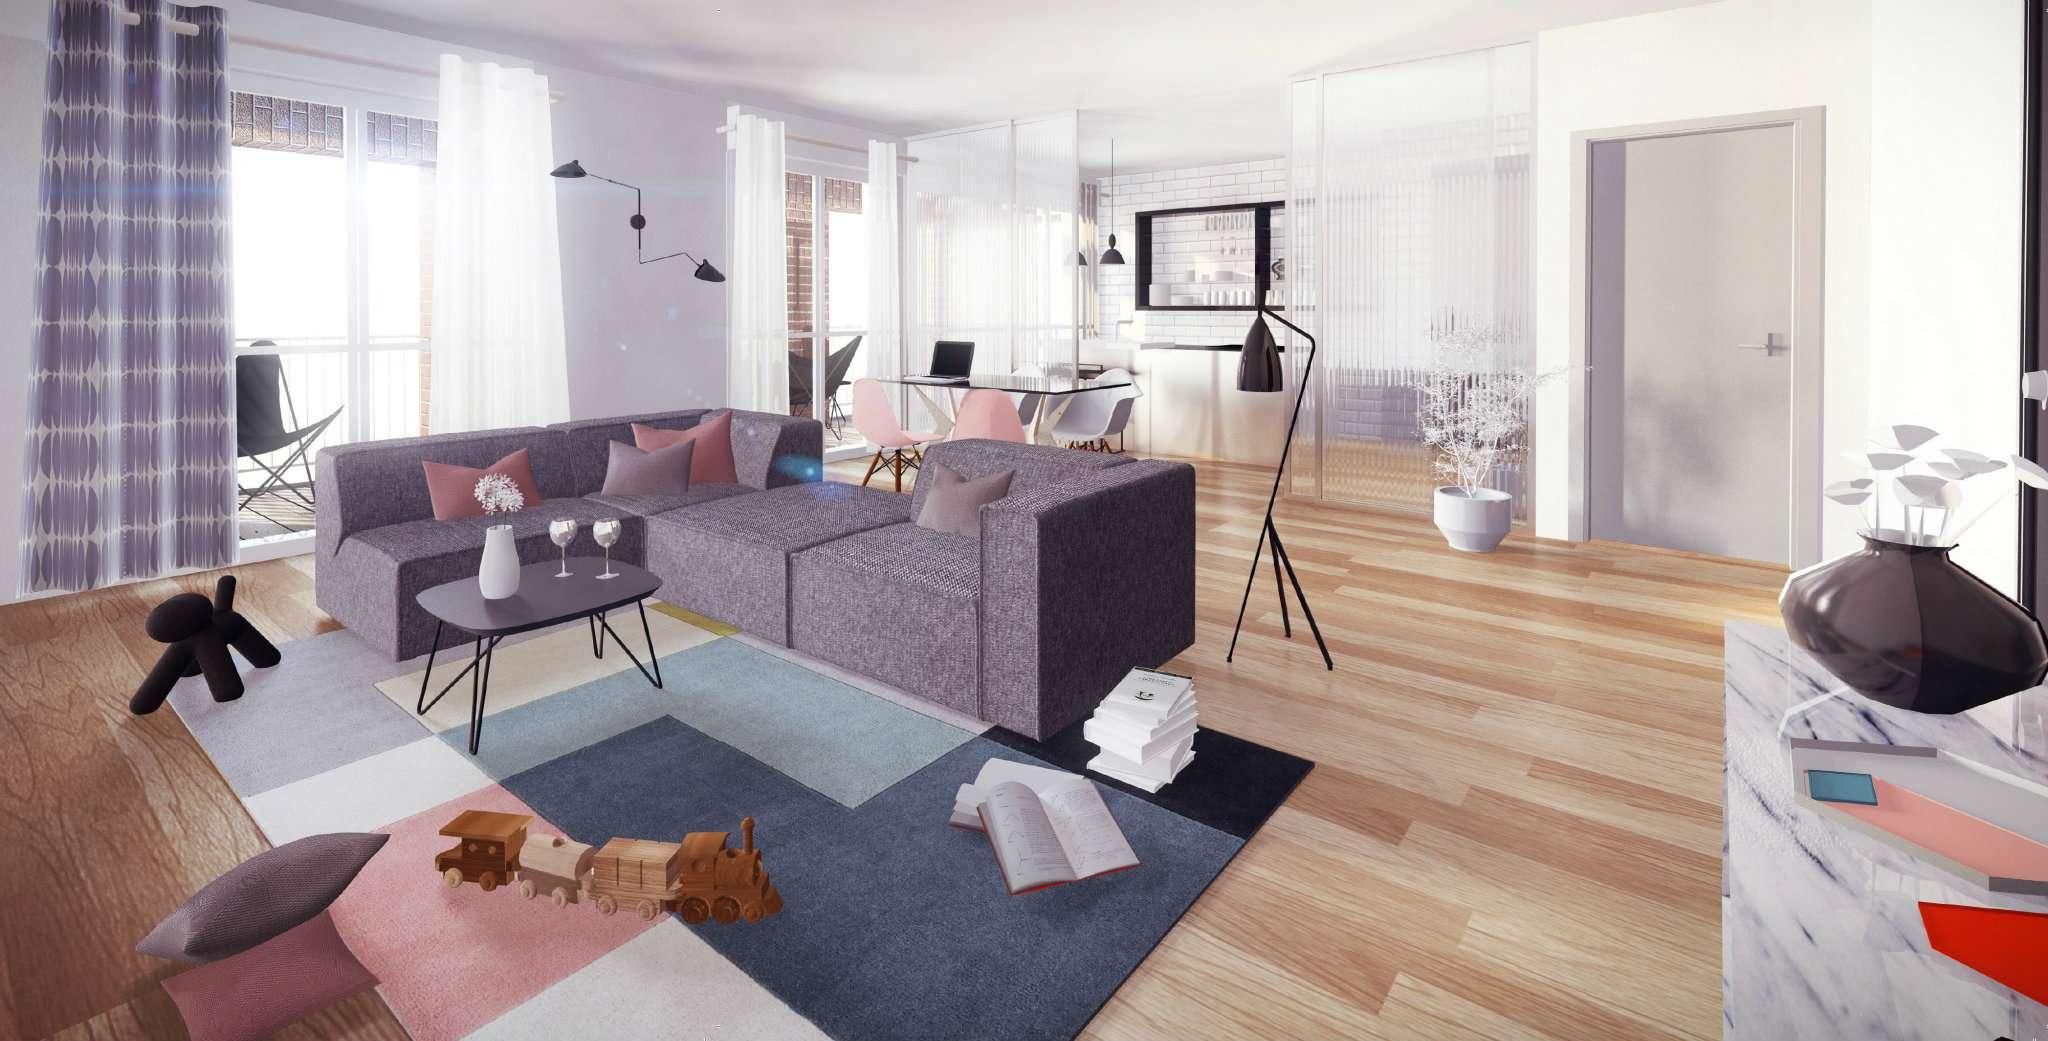 Appartamento in vendita a Cesena, 2 locali, prezzo € 196.000   CambioCasa.it